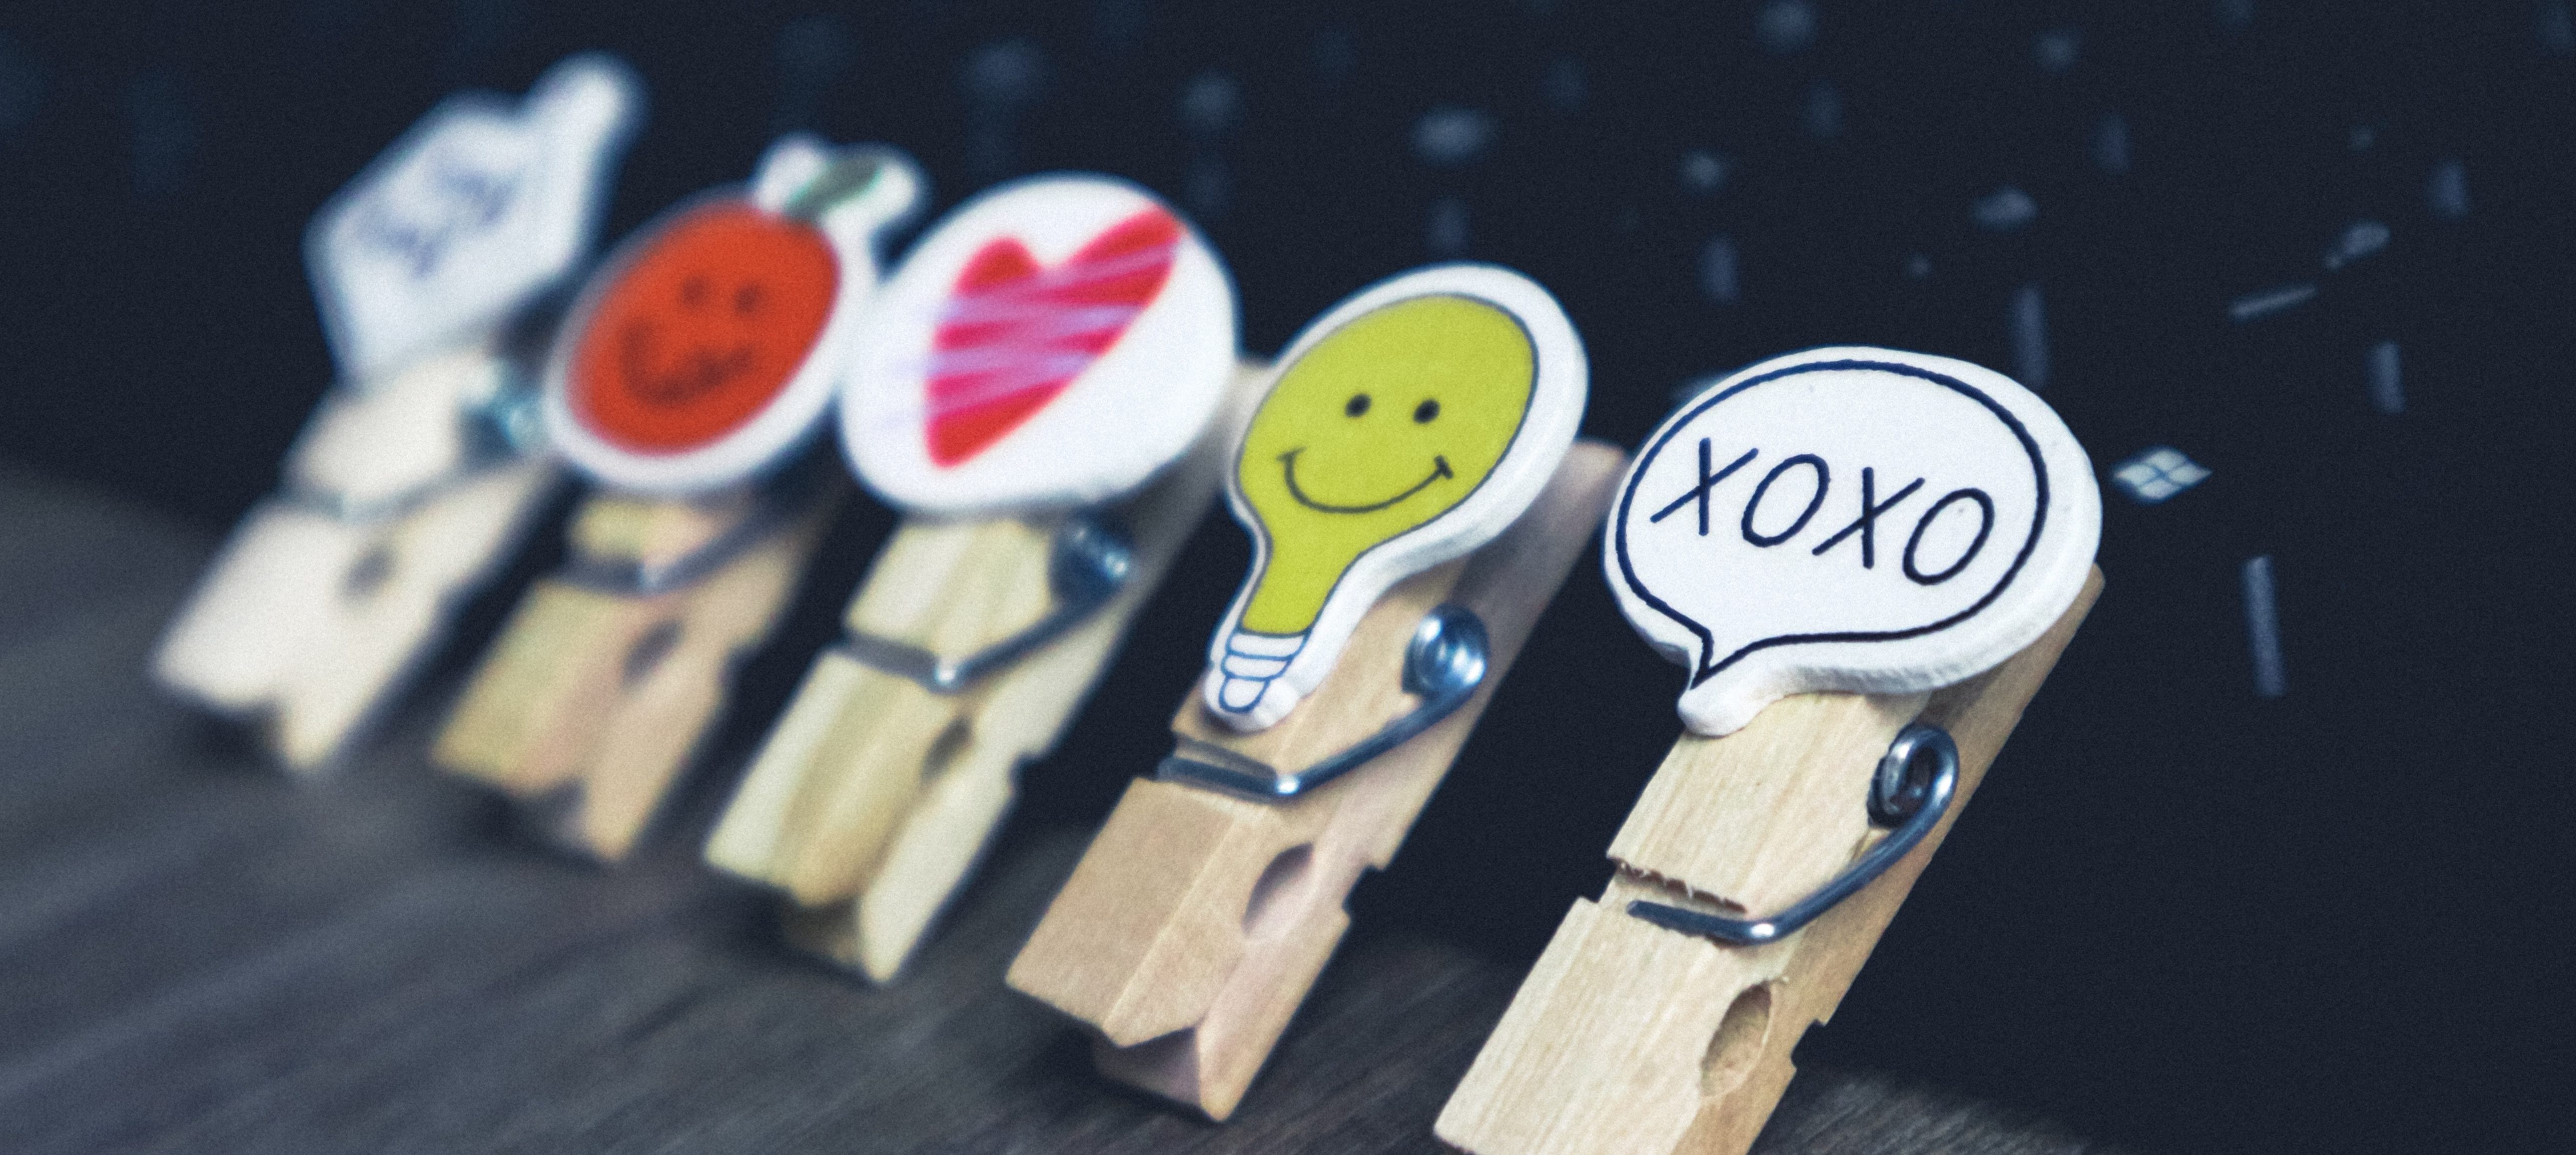 weare3sixty entrepreneur recognition badges